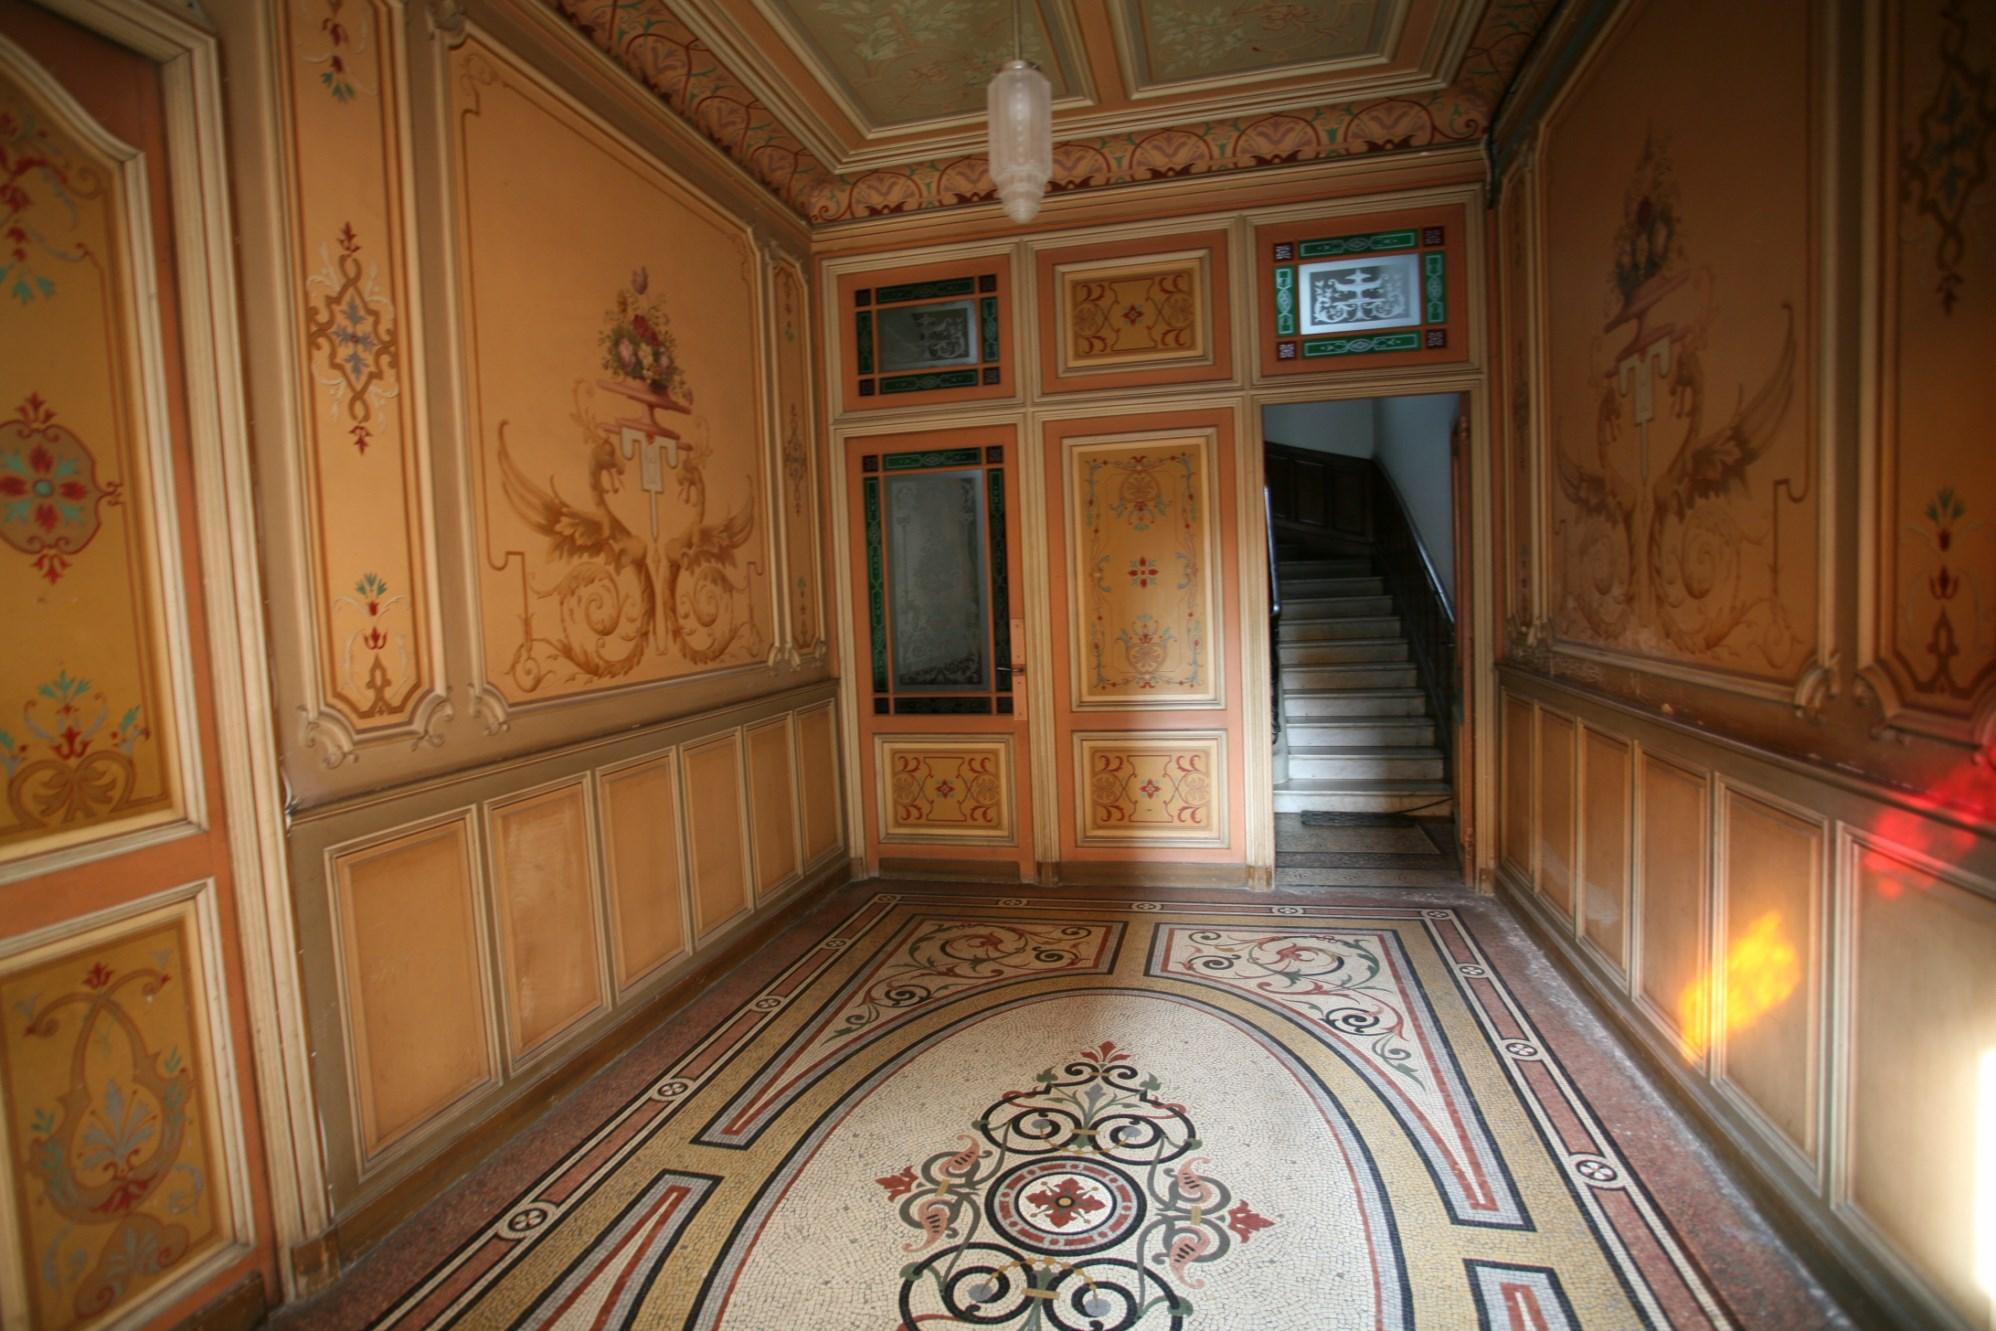 Ventes superbe appartement vendre au c ur d 39 un immeuble - Agence immobiliere de la crau salon de provence ...